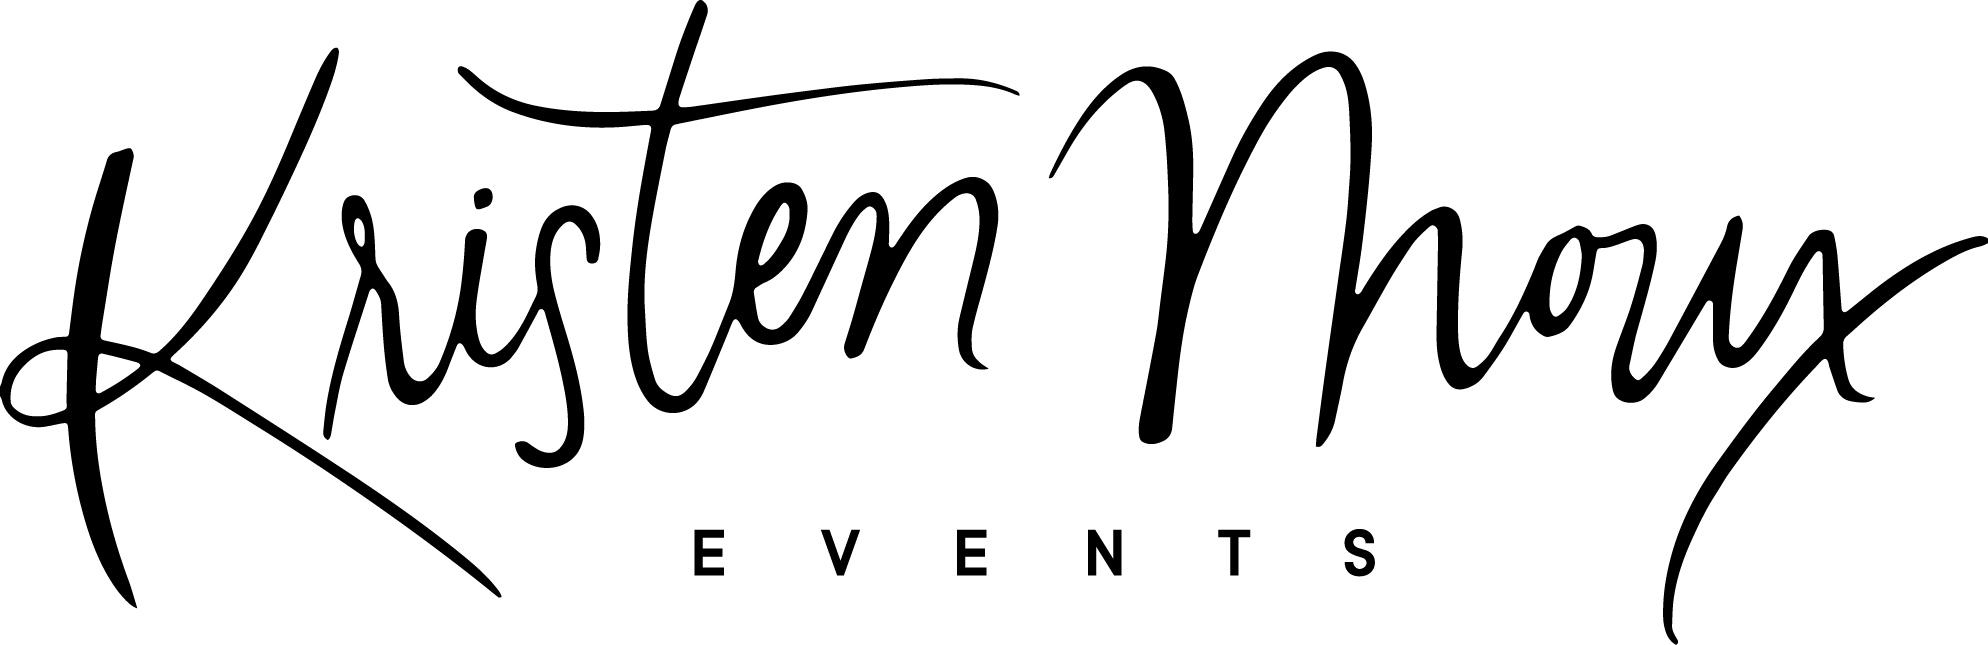 Kristen Moux Events